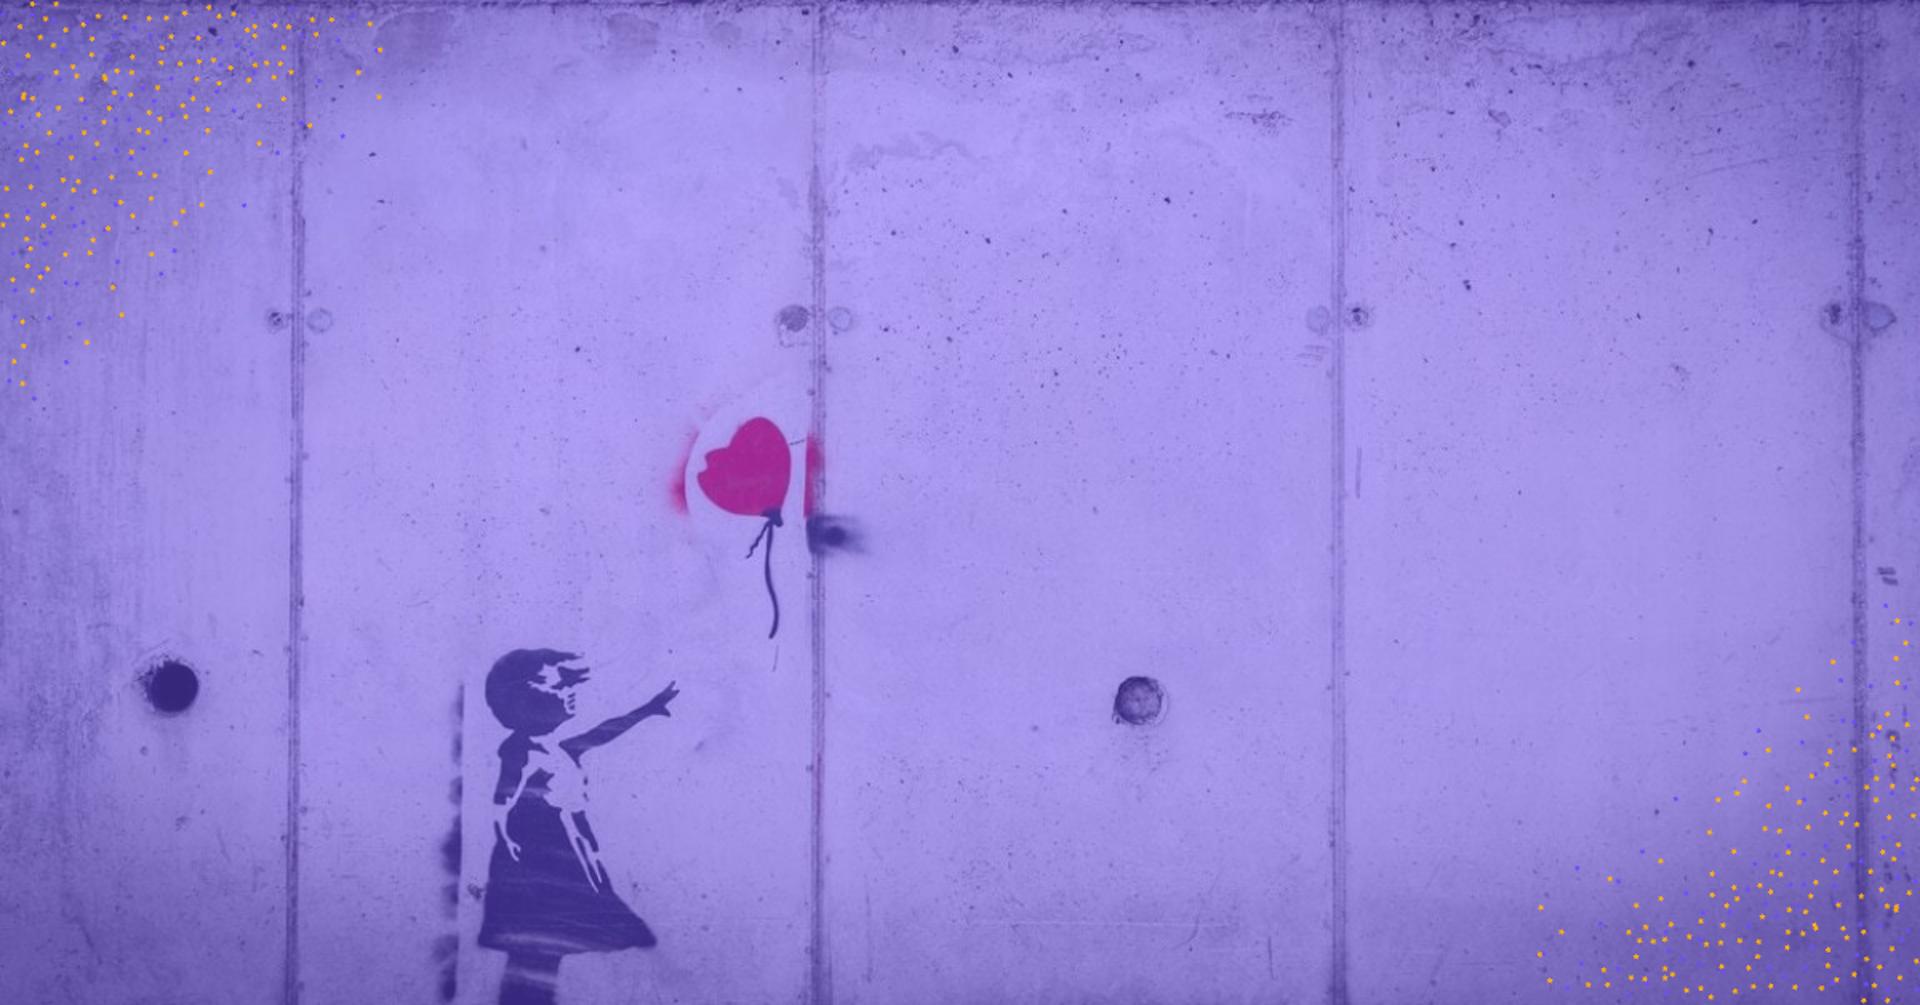 Descubre qué es un stencil, el arte urbano que se apodera de la ciudad